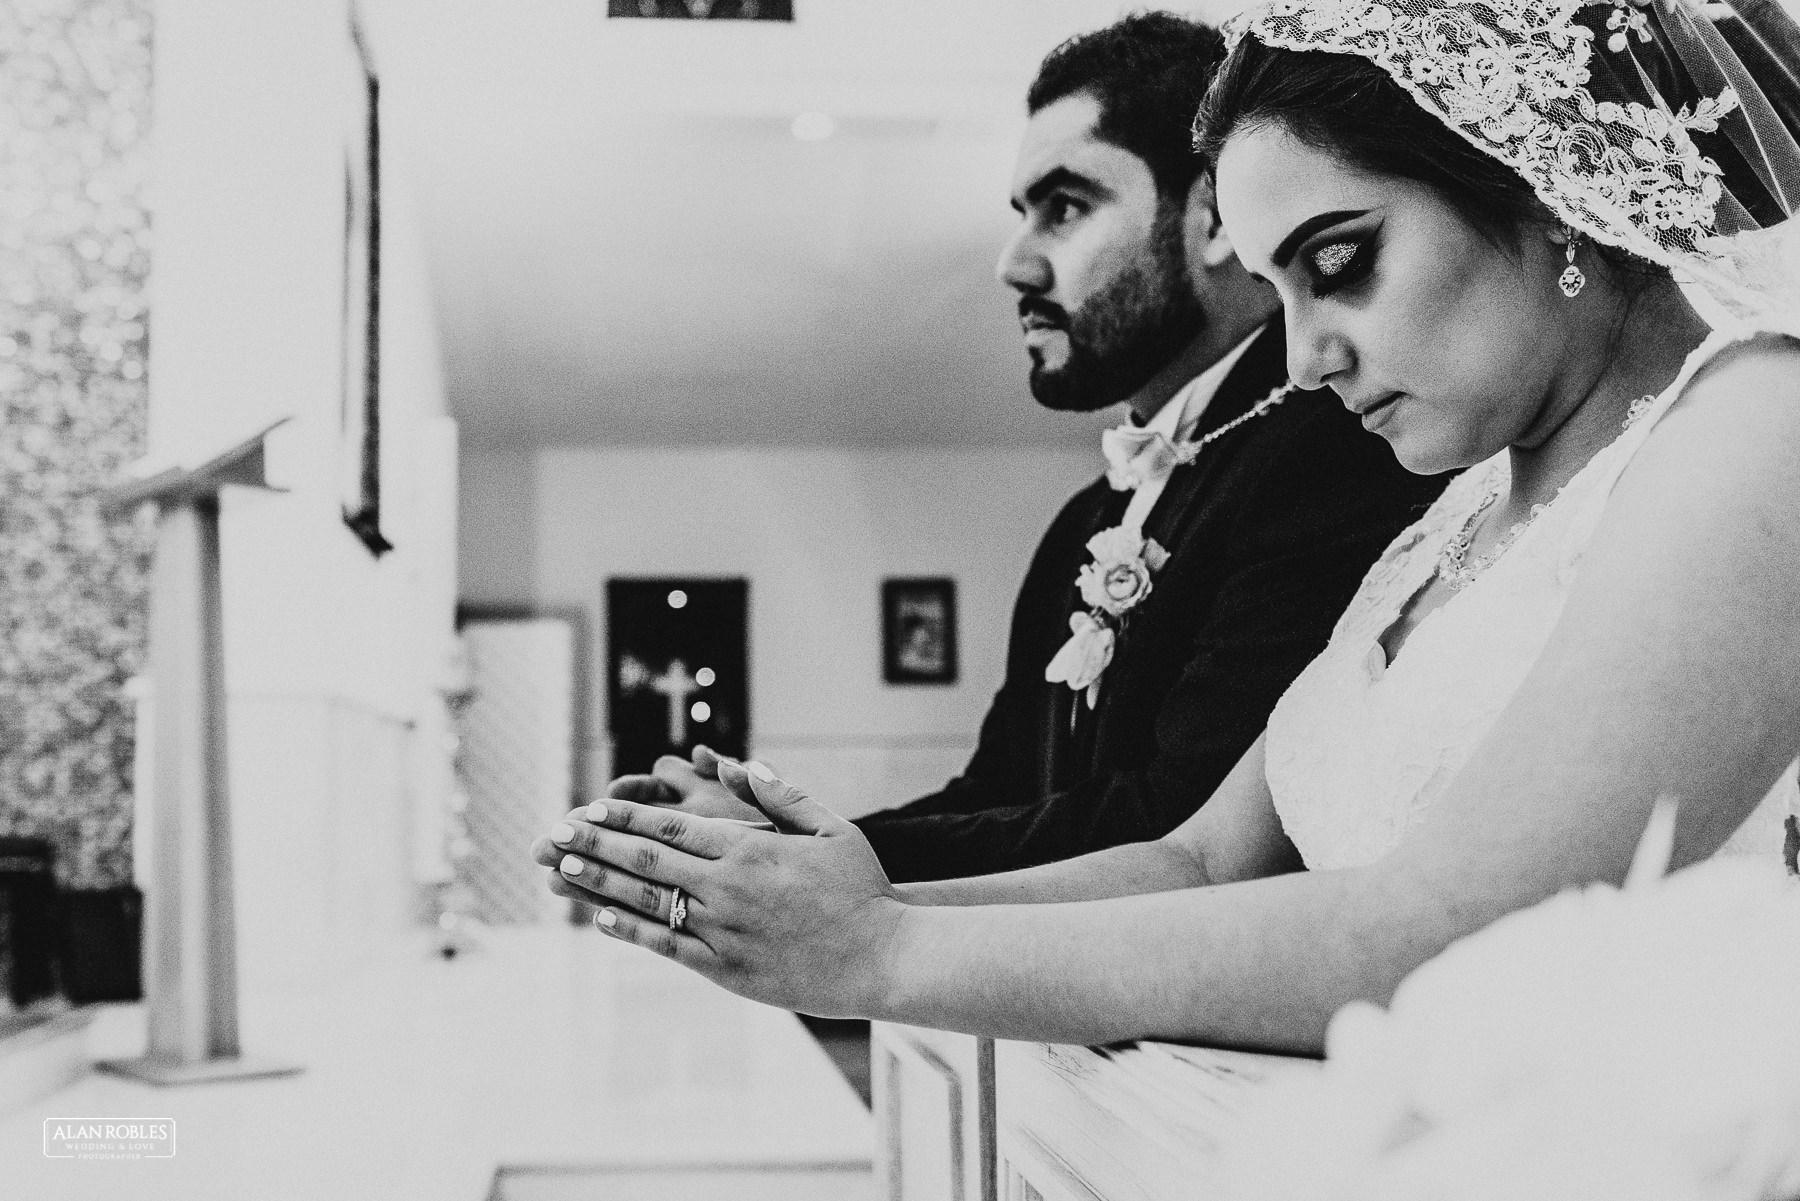 Fotografo de bodas Alan Robles-Casa Clementina Guadalajara DyA-51